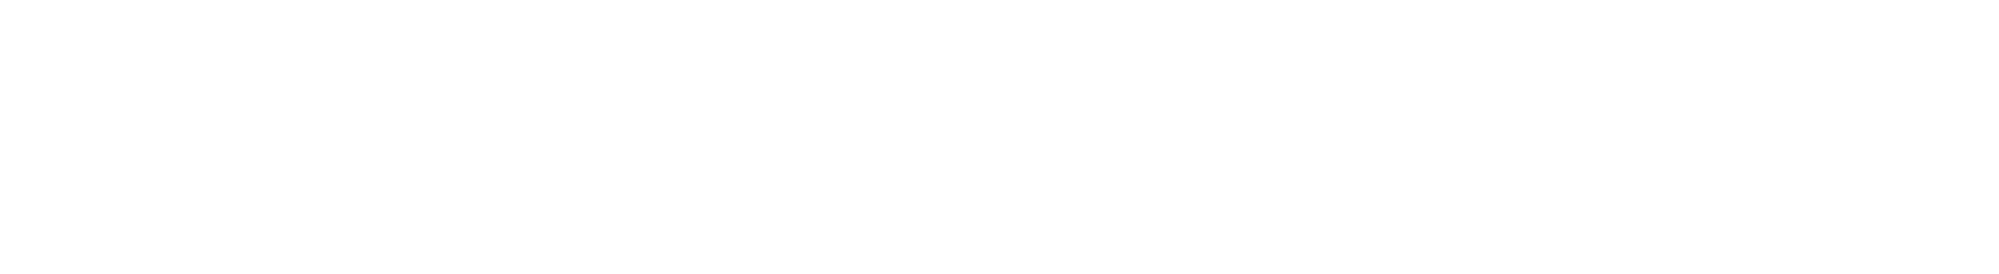 whywhywhy-17